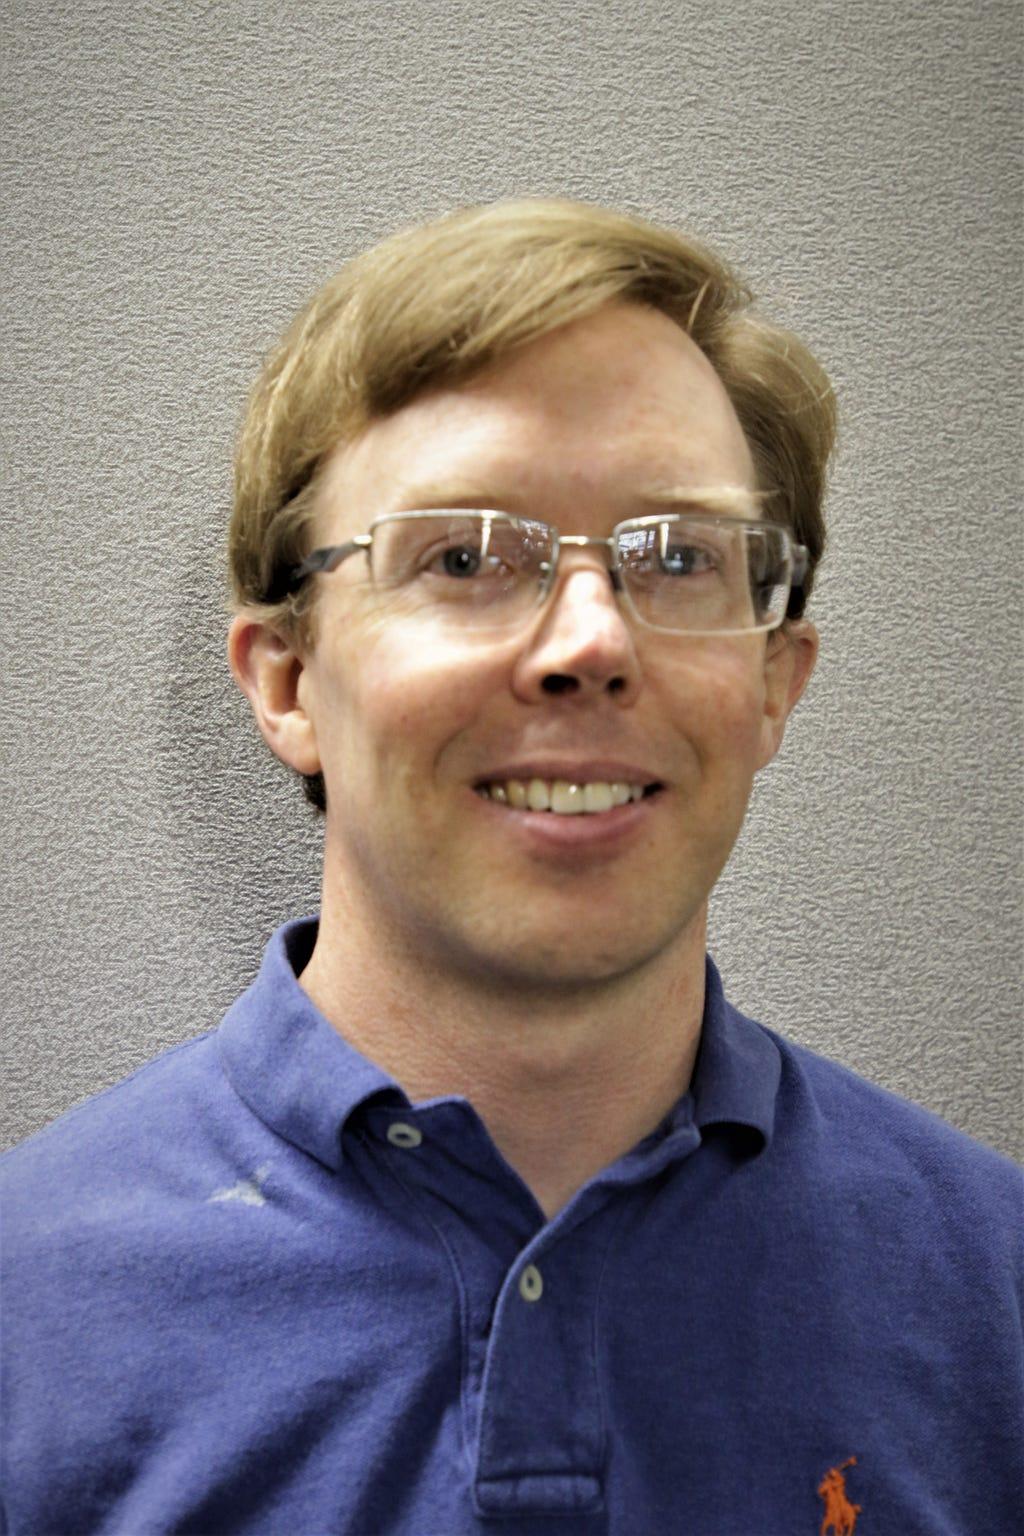 Luke Renner